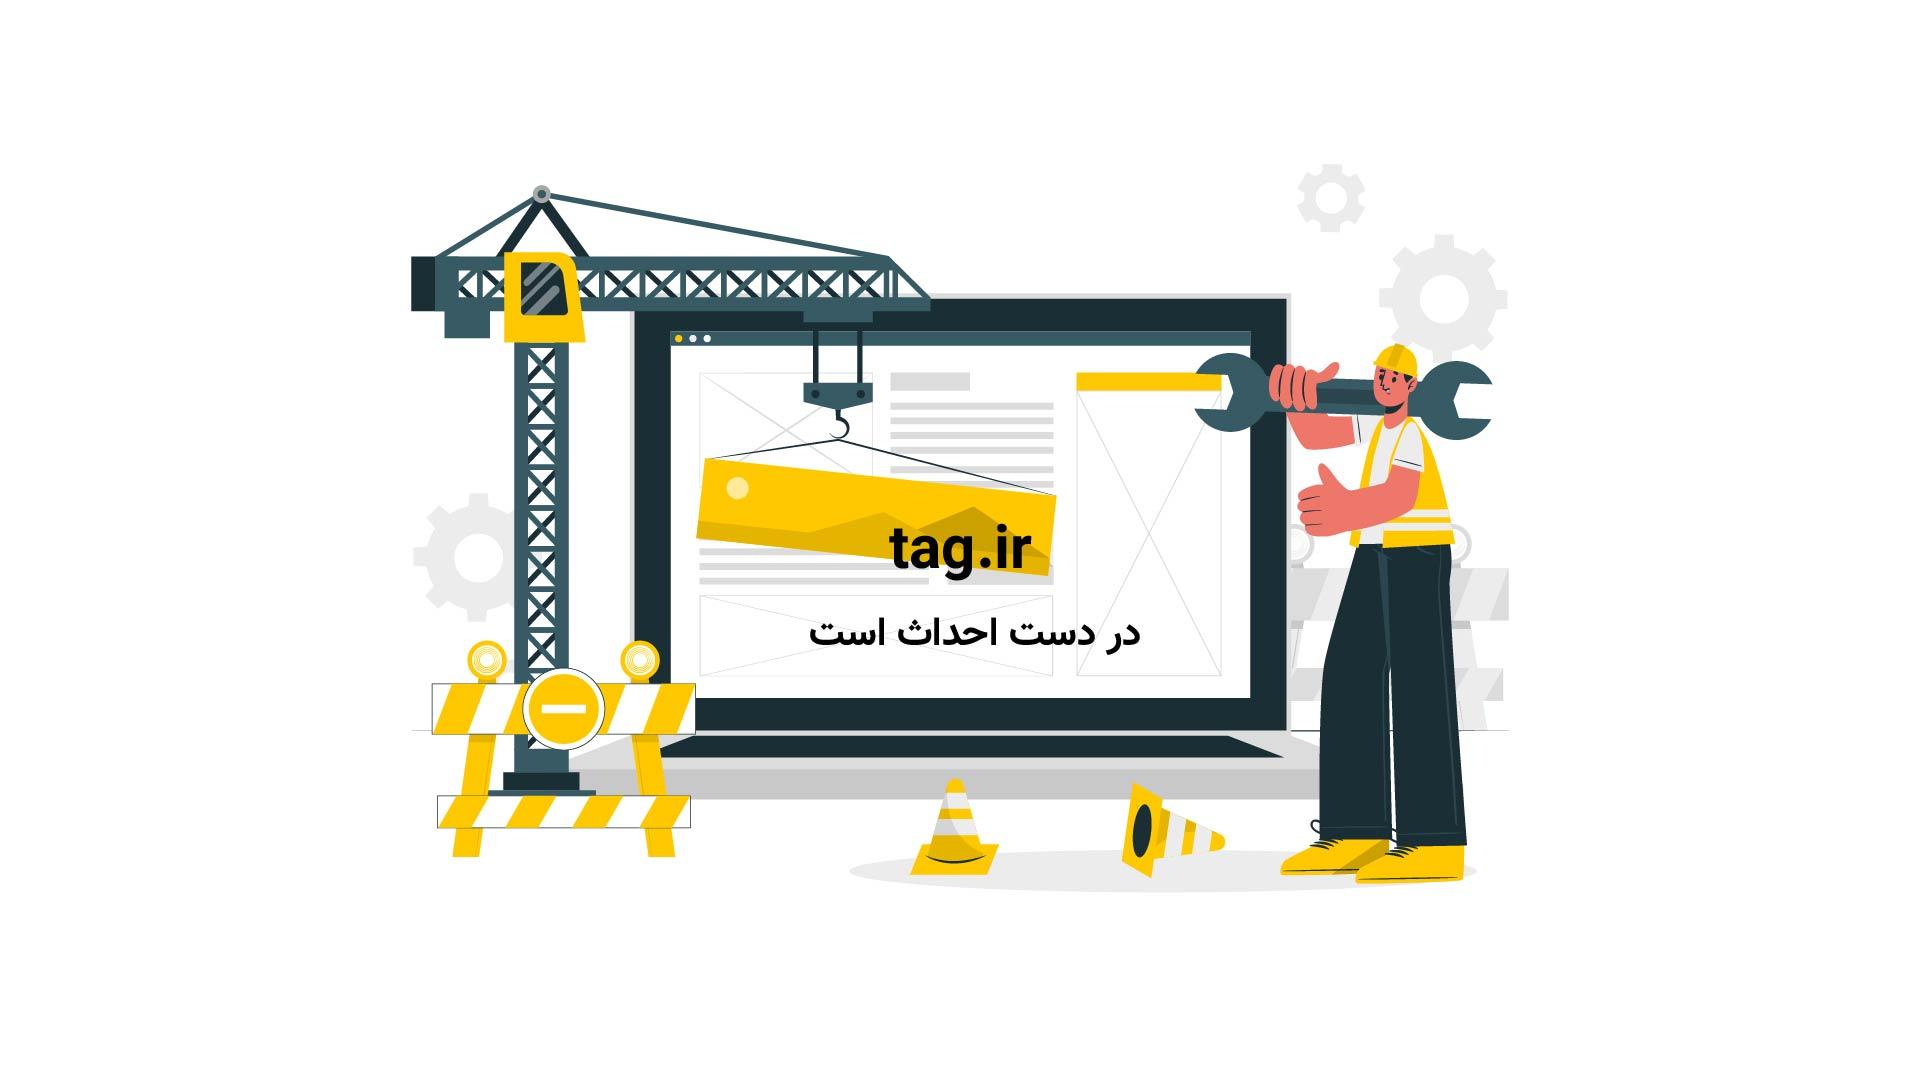 آبشار دره انار؛ زیباترین و بکرترین منطقه دزفول | فیلم